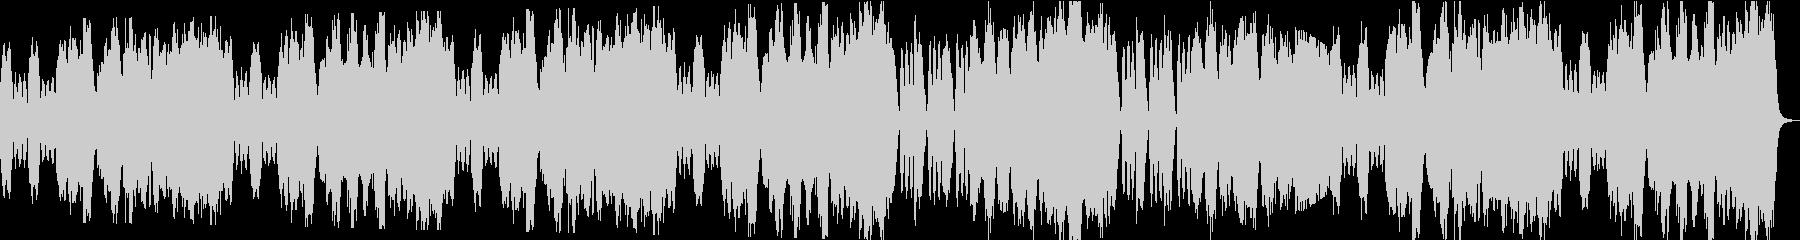 優雅なBGMの未再生の波形